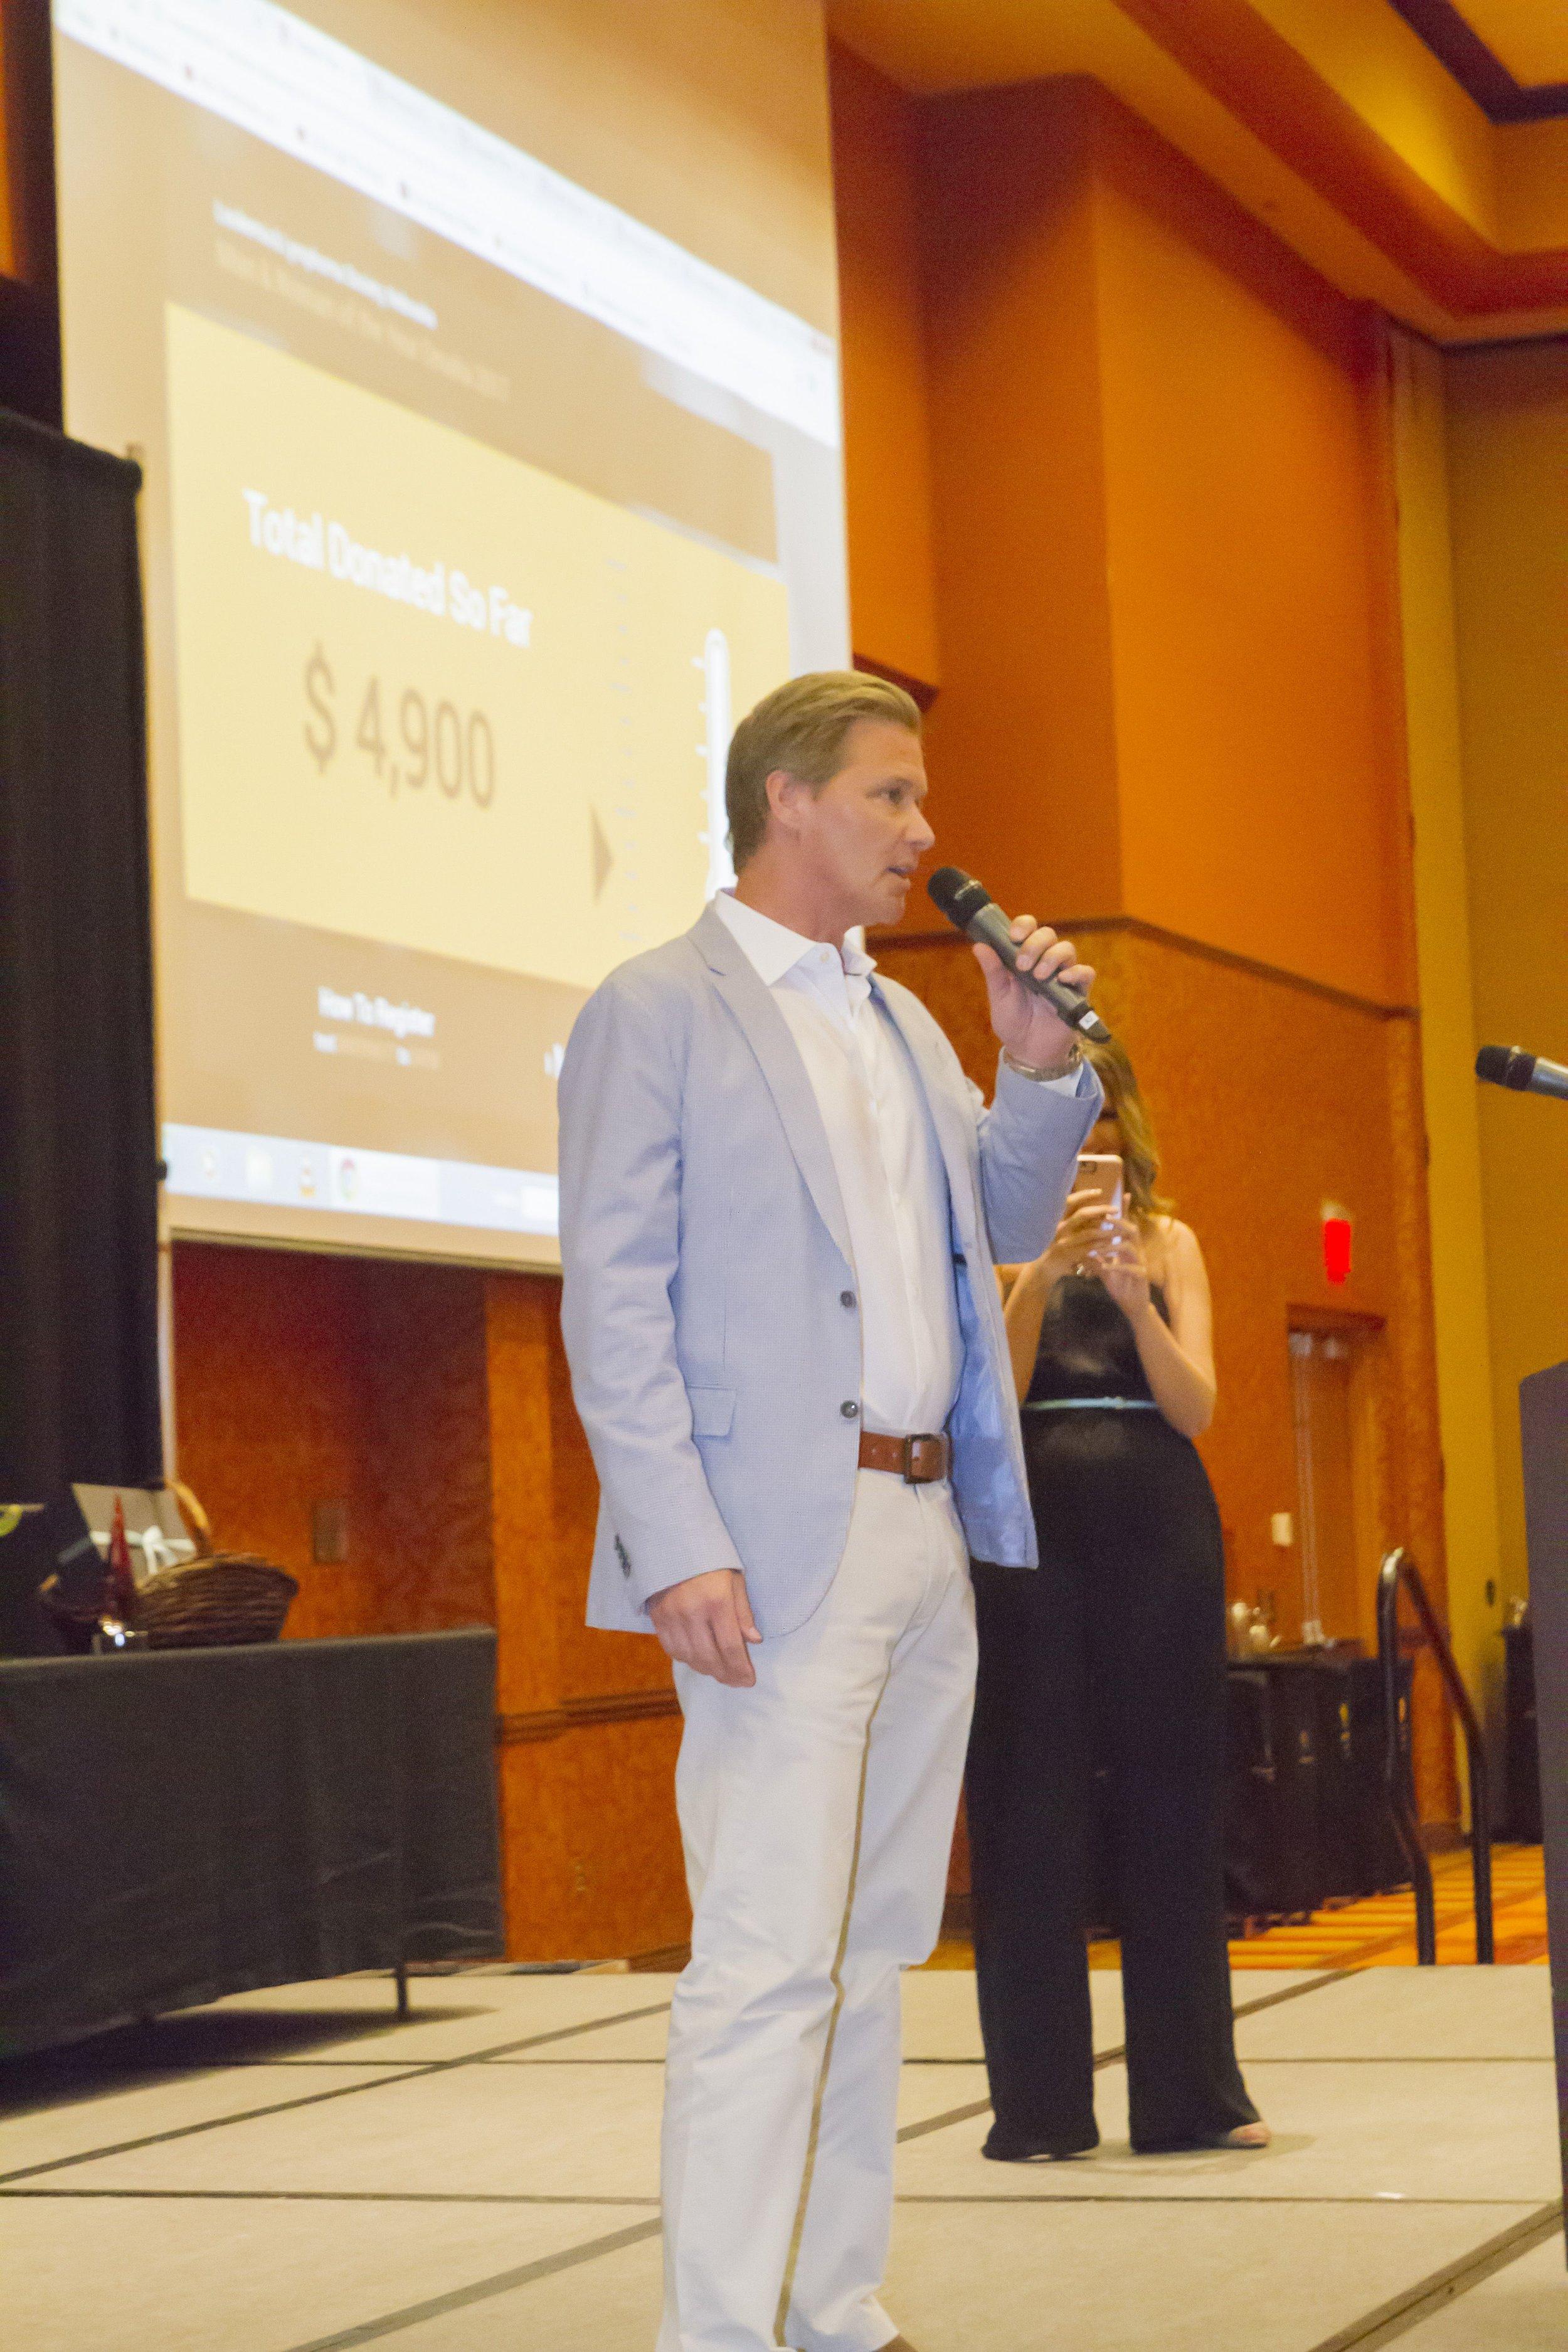 David Spence Cancer Foundation and Leukemia & Lymphoma Society